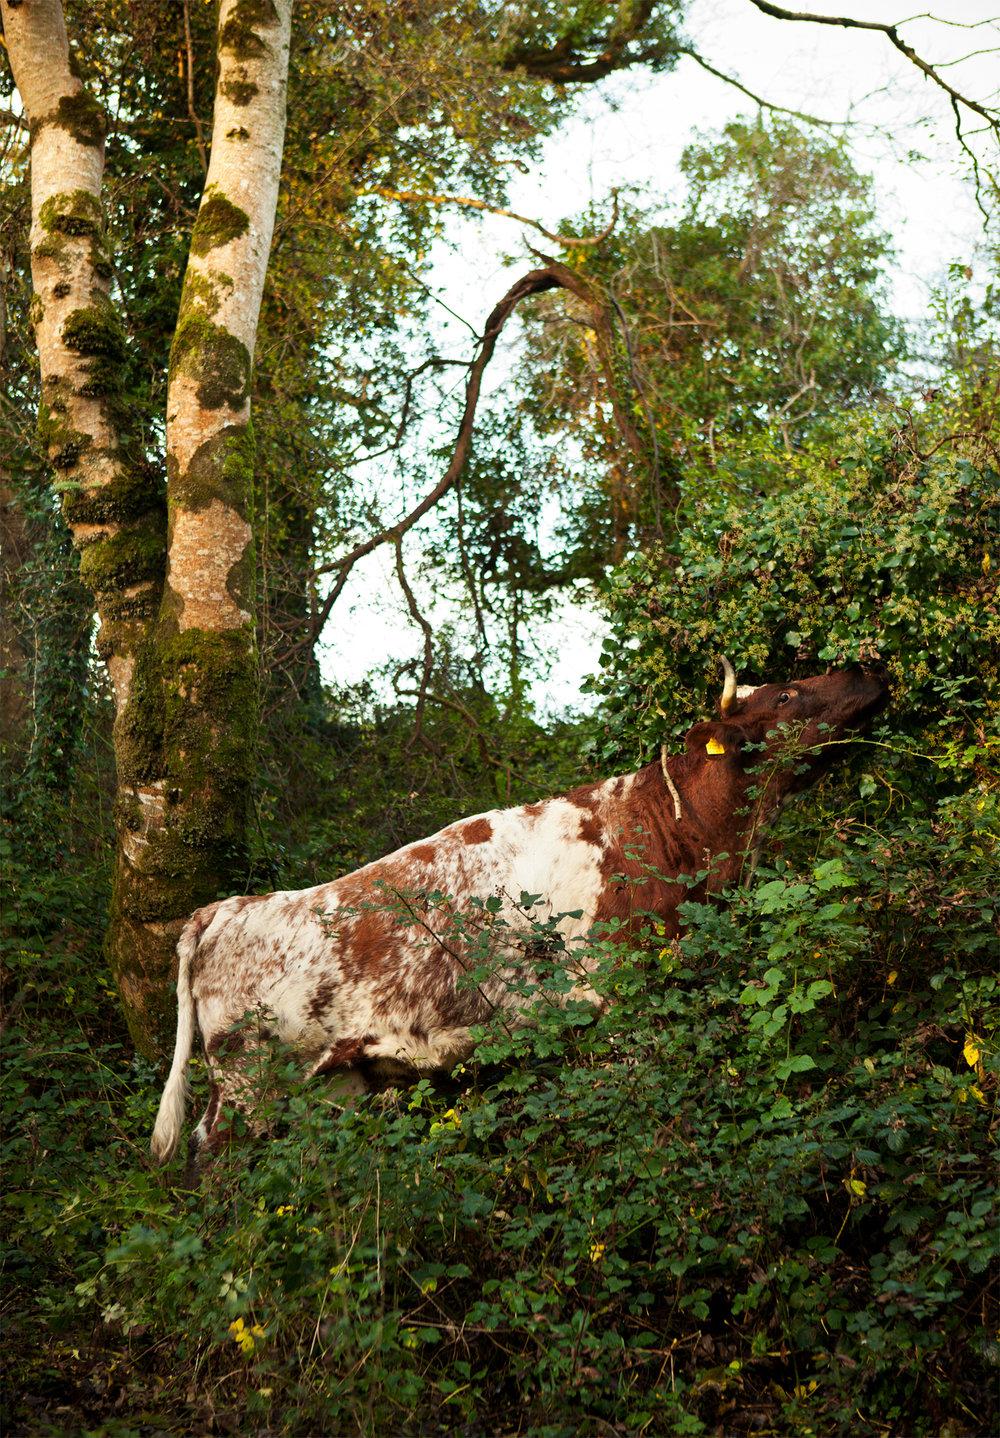 Cow in verdure